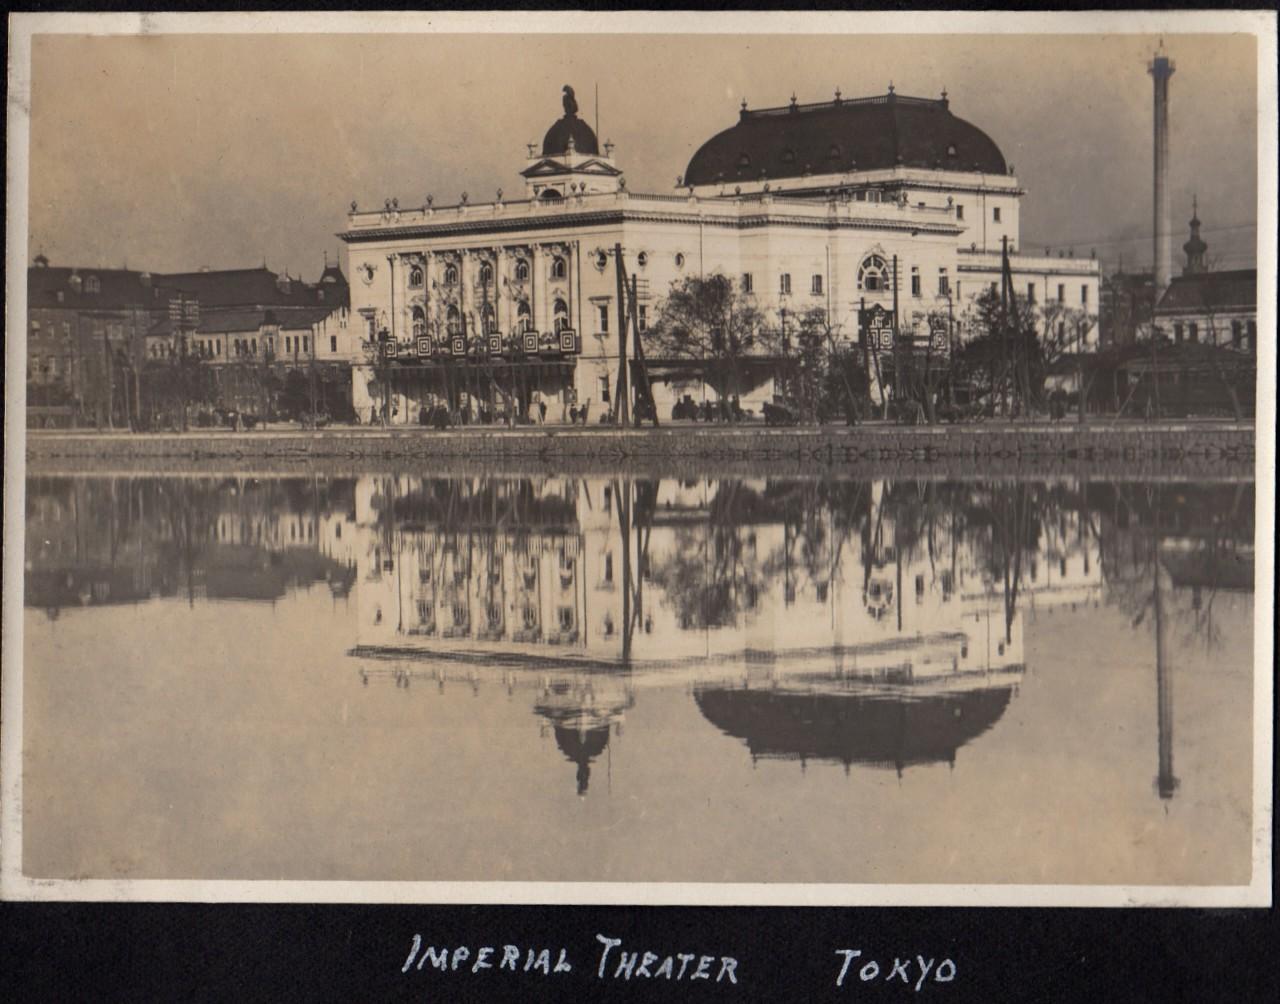 帝国劇場(1915年)